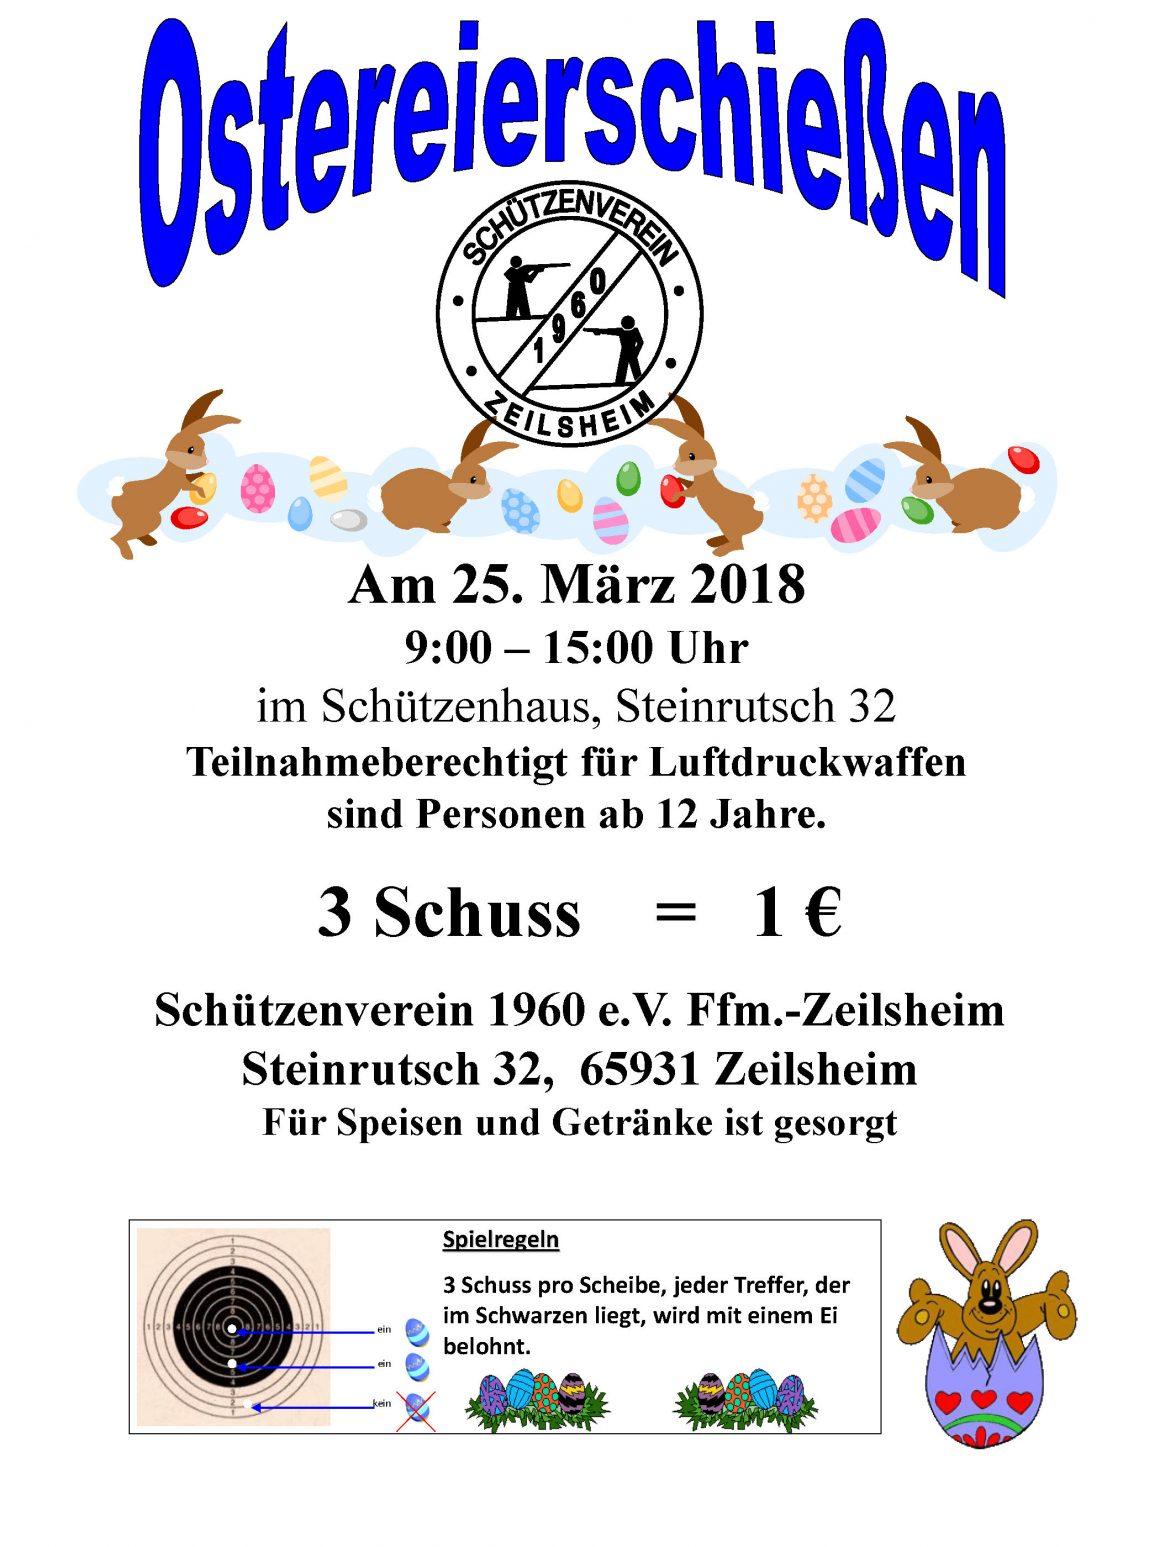 Zeilsheimer Ostereierschießen 2018